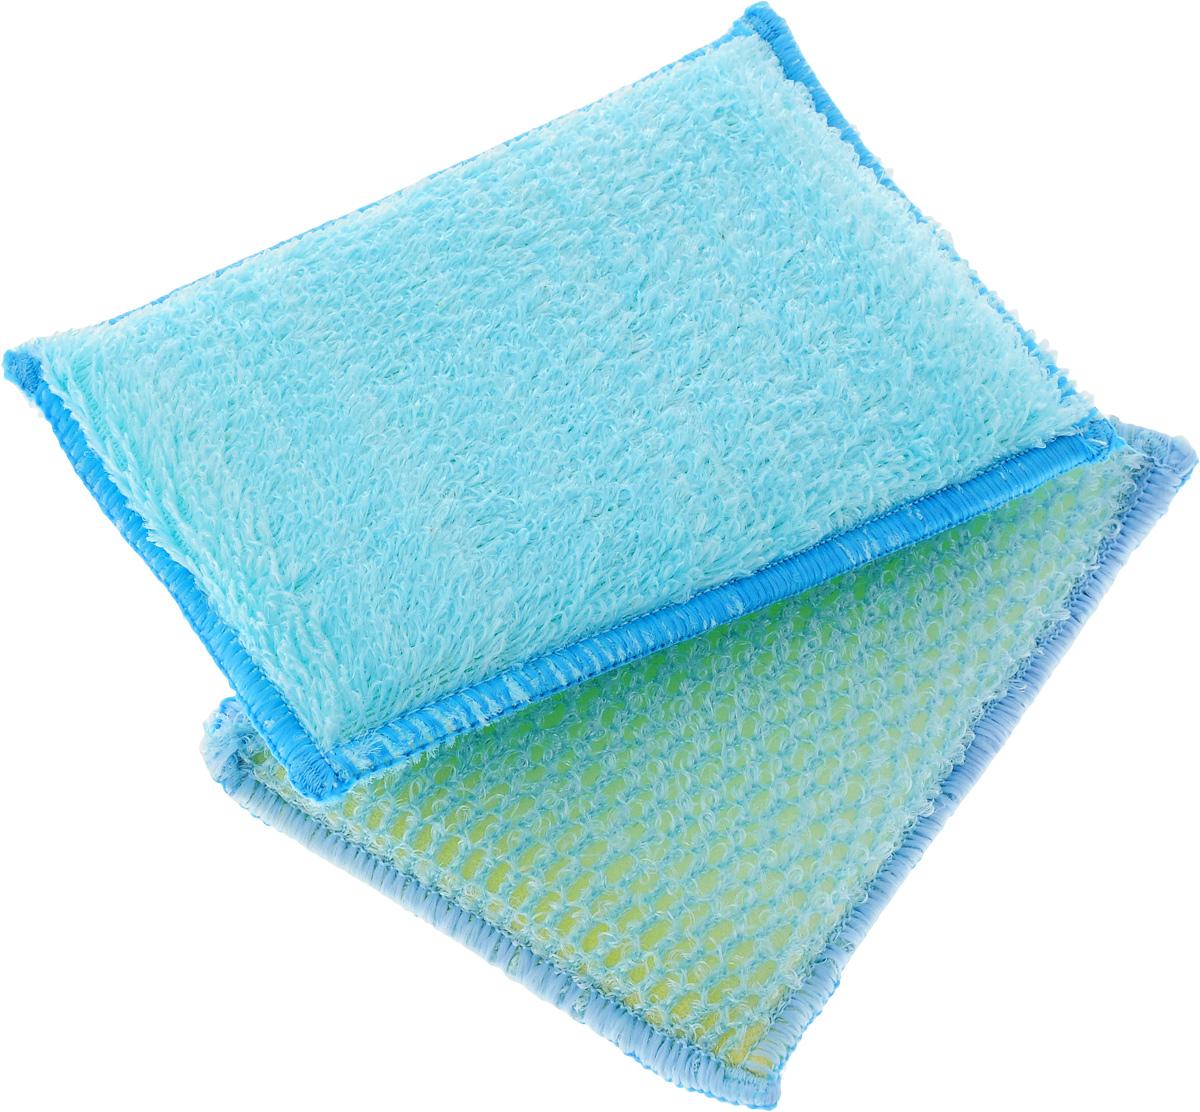 Набор губок для мытья посуды Золушка, цвет: голубой, 10 х 14 х 2 см, 2 штAF000008_голубойГубками из бамбукового волокна можно не только мыть посуду, но и использоватьих для уборки. Одна губка с одной стороны имеет жесткую структуру для чисткисильнозагрязненных поверхностей, с другой - более мягкую. Вторая губкаполностью мягкая. Для мытья посуды можно использовать только чистую воду, без добавлениямоющих средств.В упаковке 2 губки.